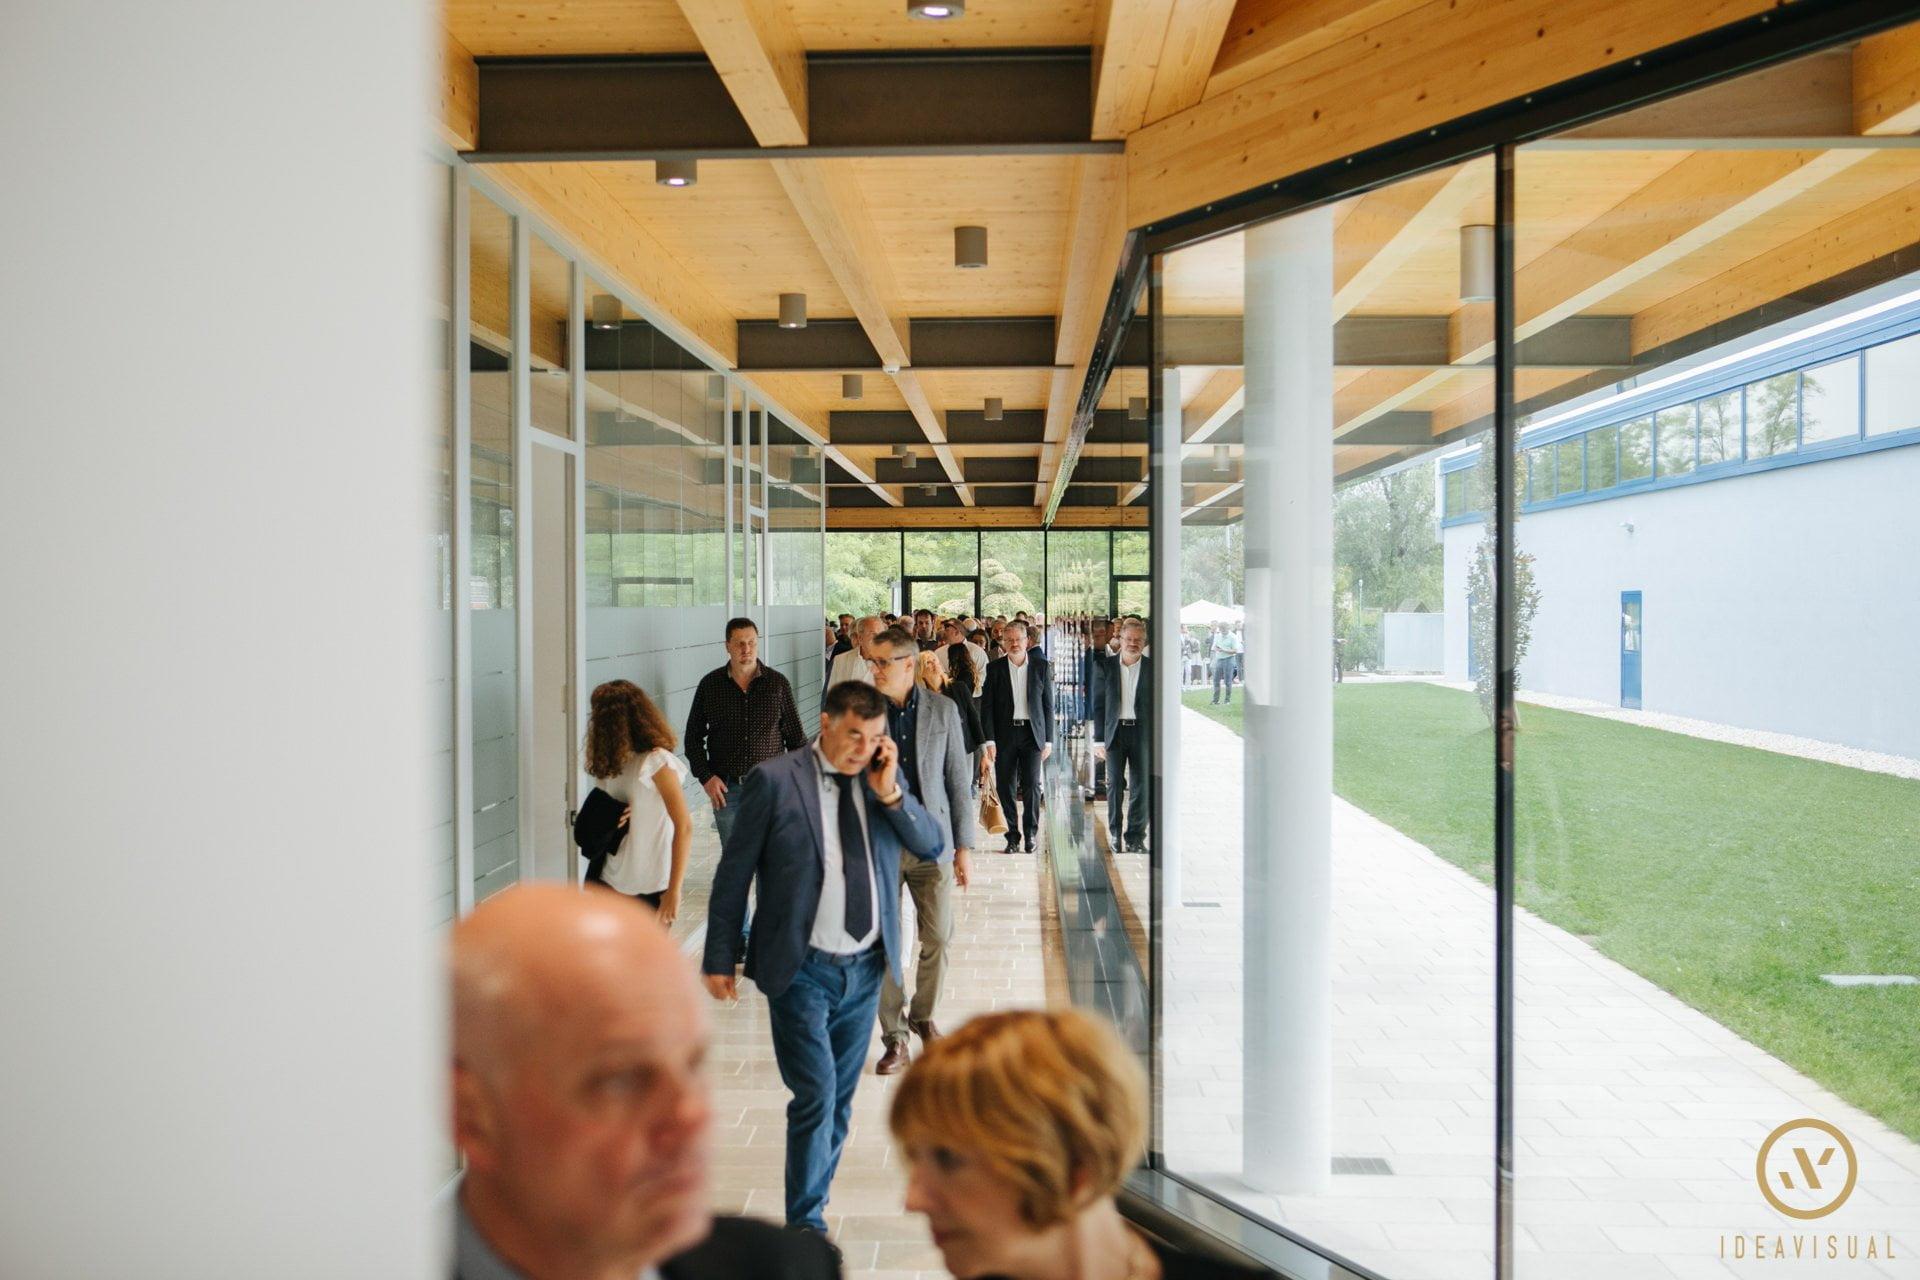 reportage fotografico per evento aziendale